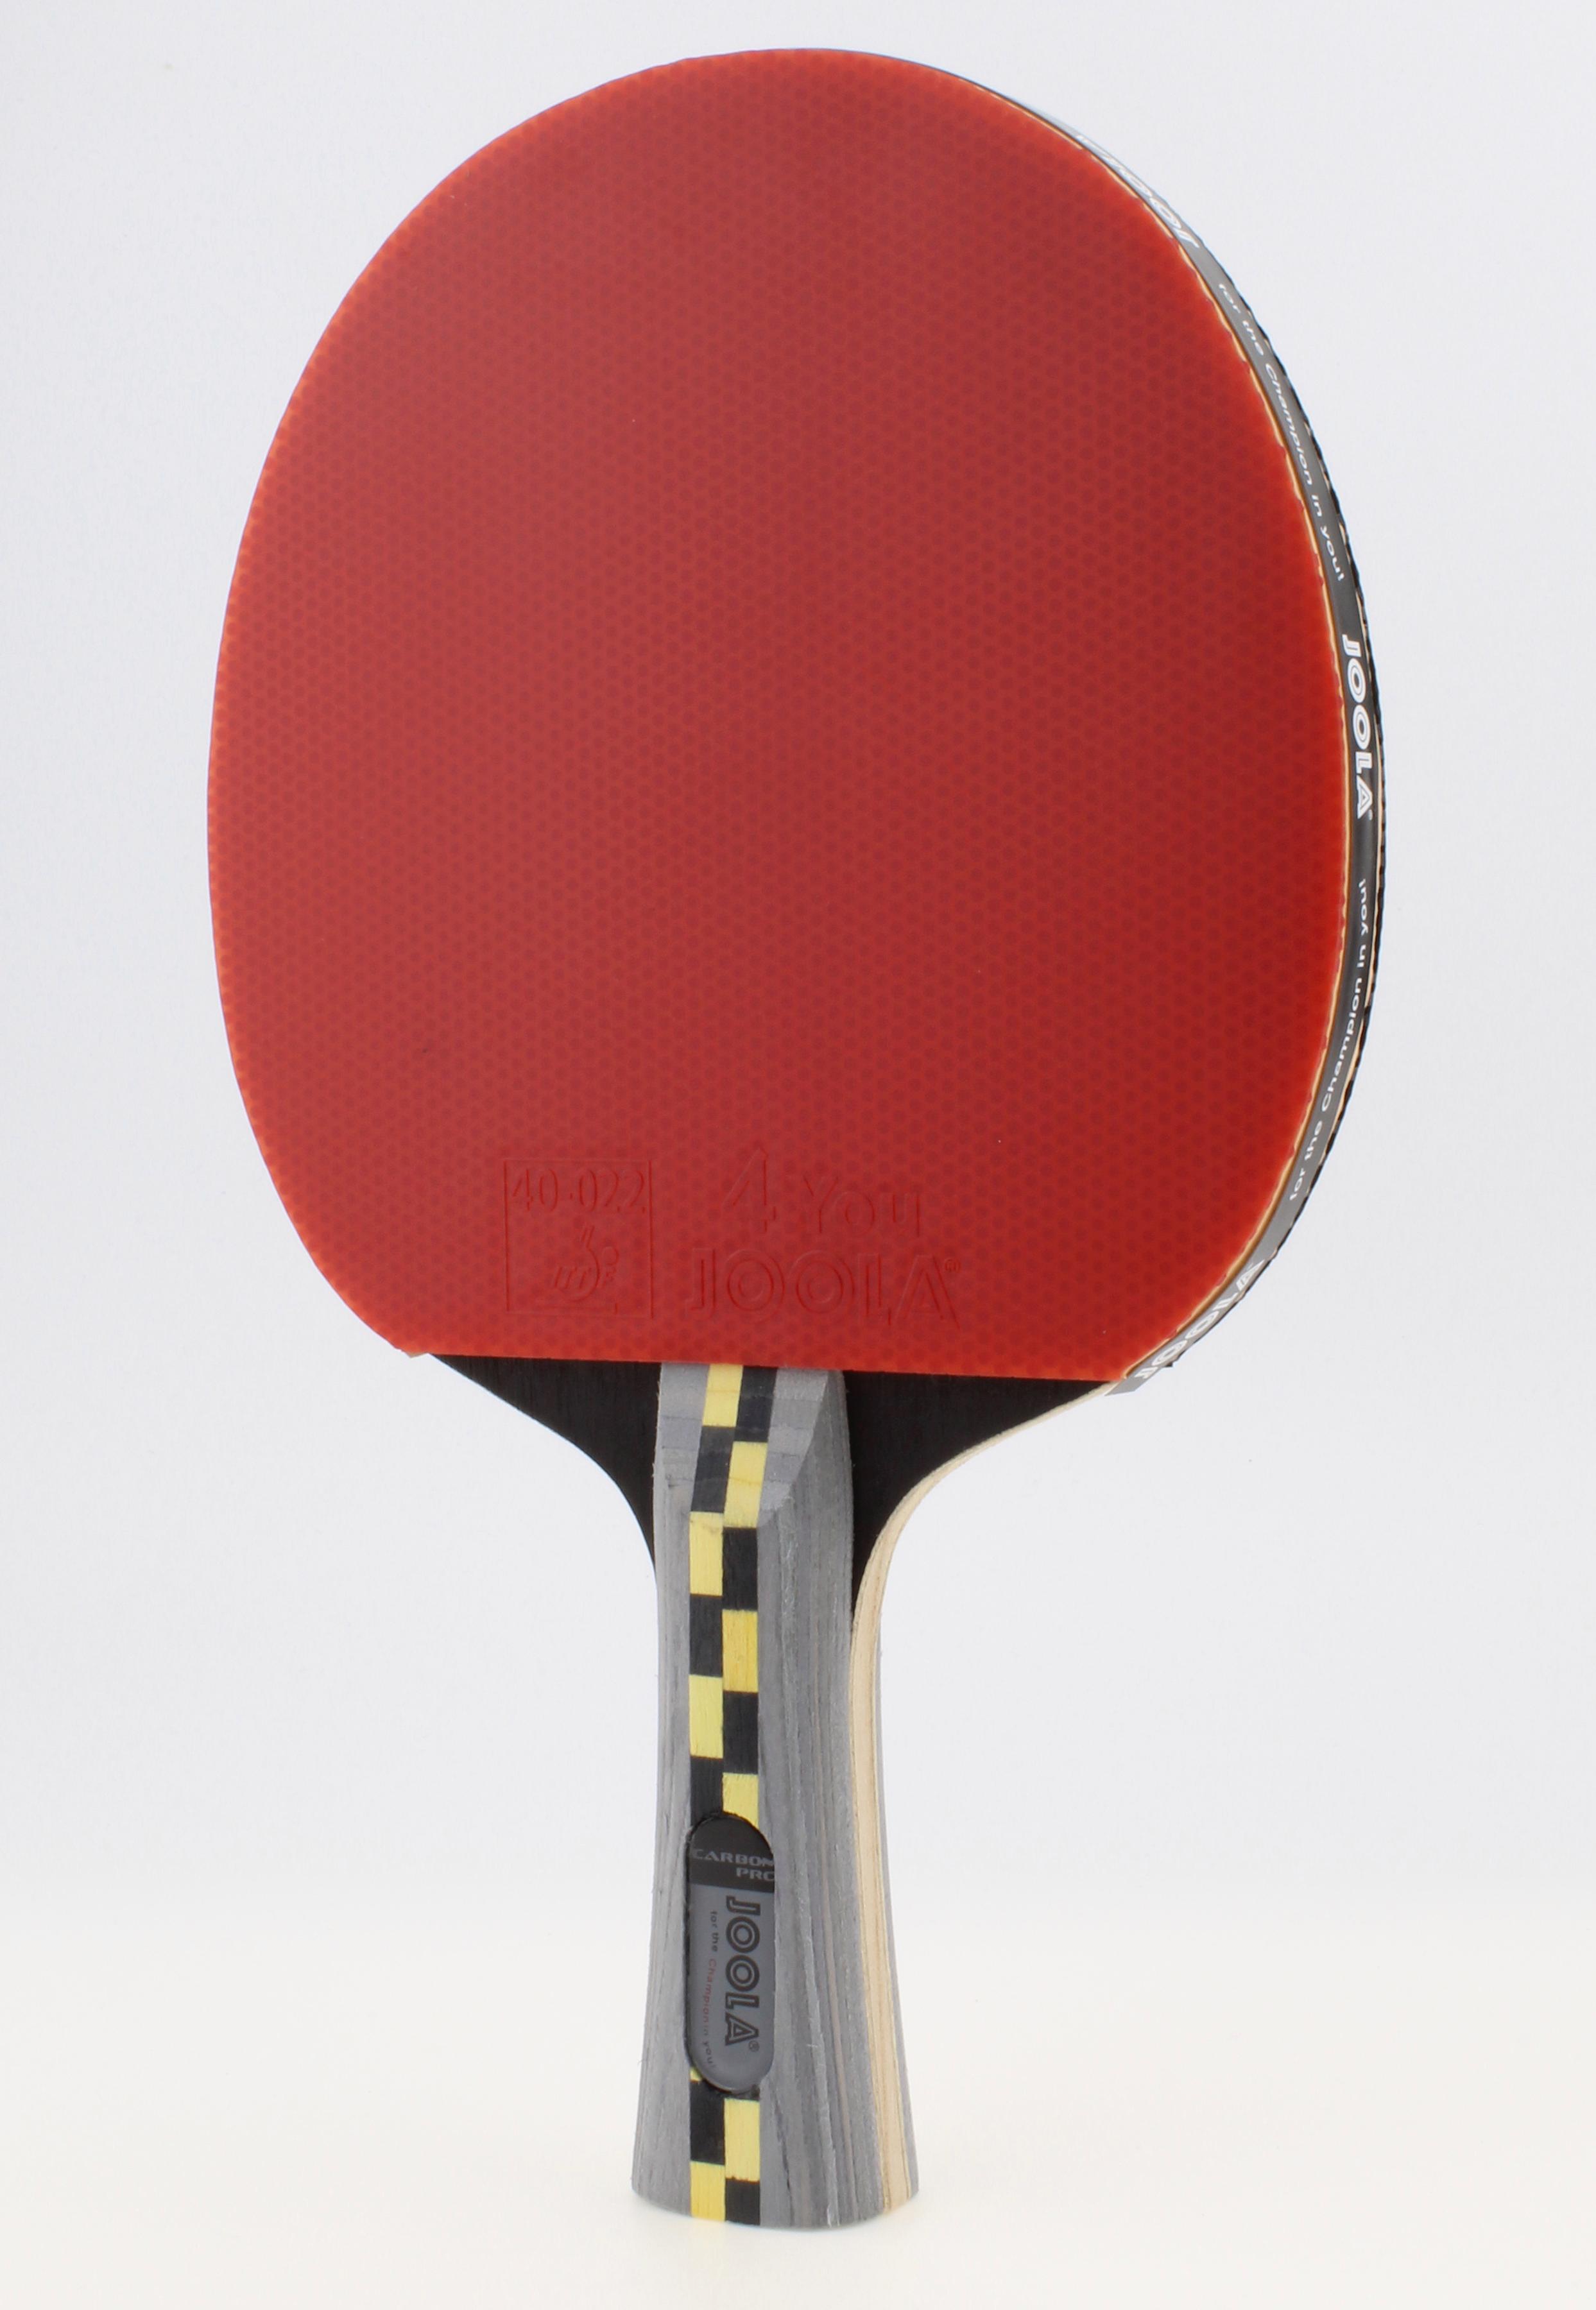 Joola Tischtennisschläger Carbon Pro (Packung) Technik & Freizeit/Sport & Freizeit/Sportarten/Tischtennis/Tischtennis-Ausrüstung